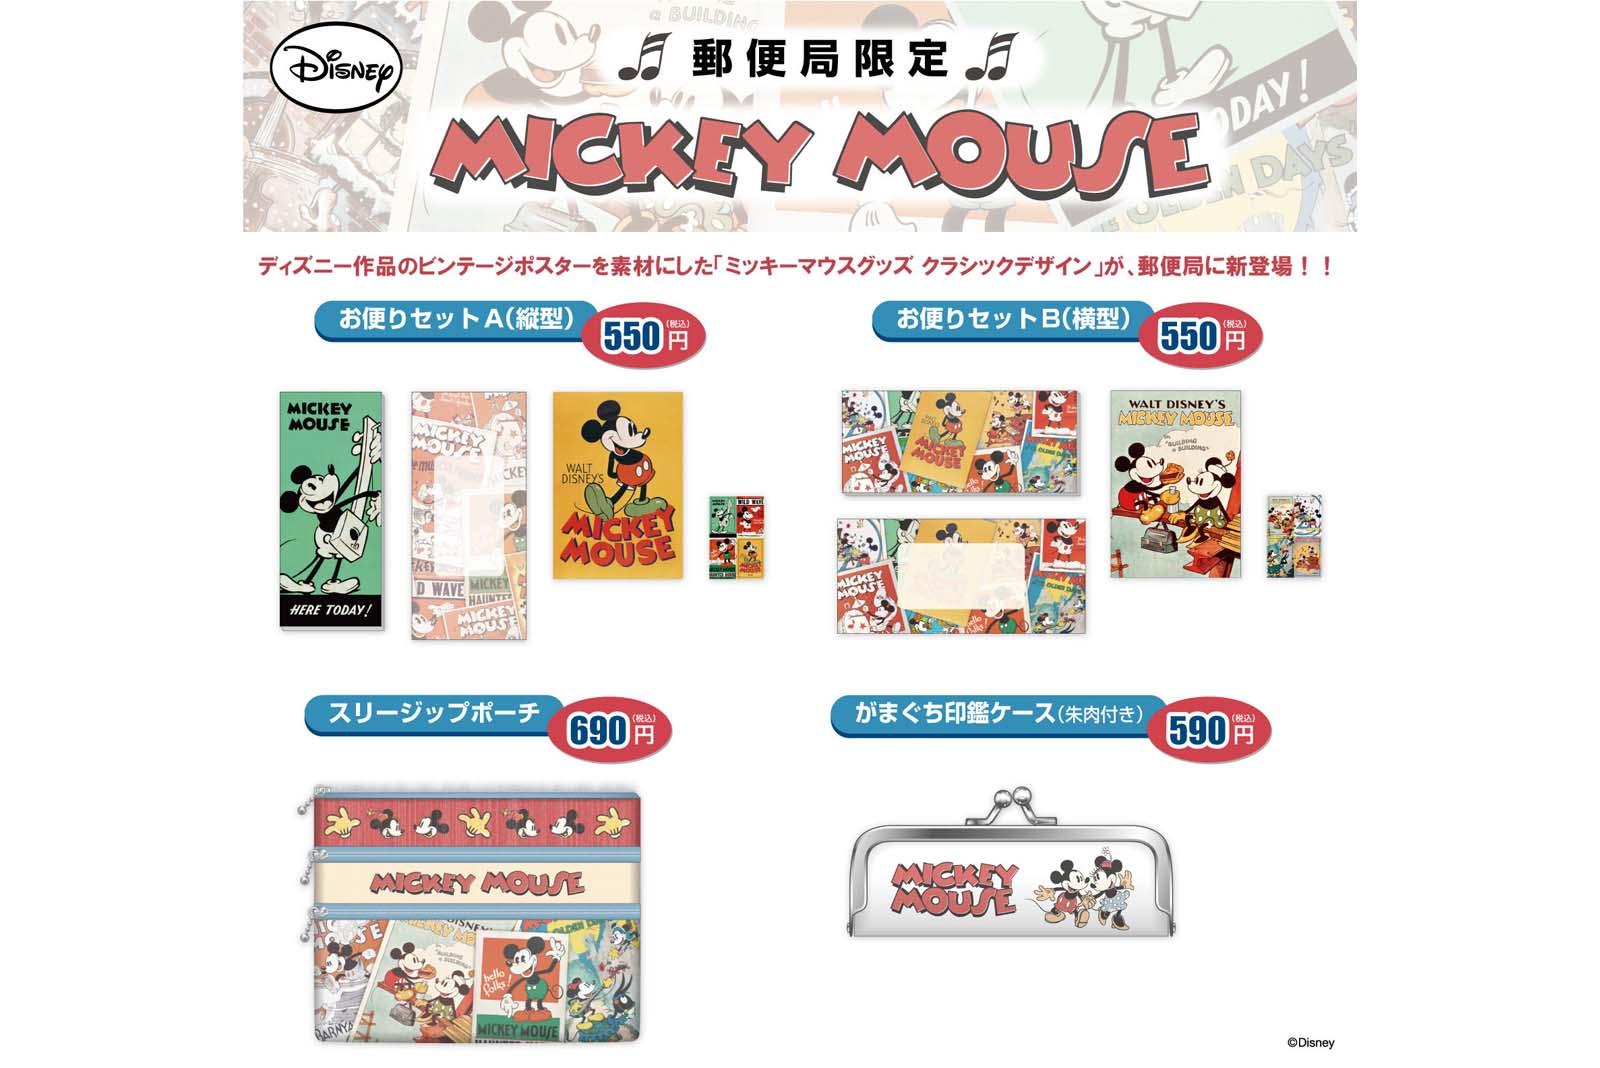 郵便局限定 ミッキーマウスグッズ クラシックデザイン